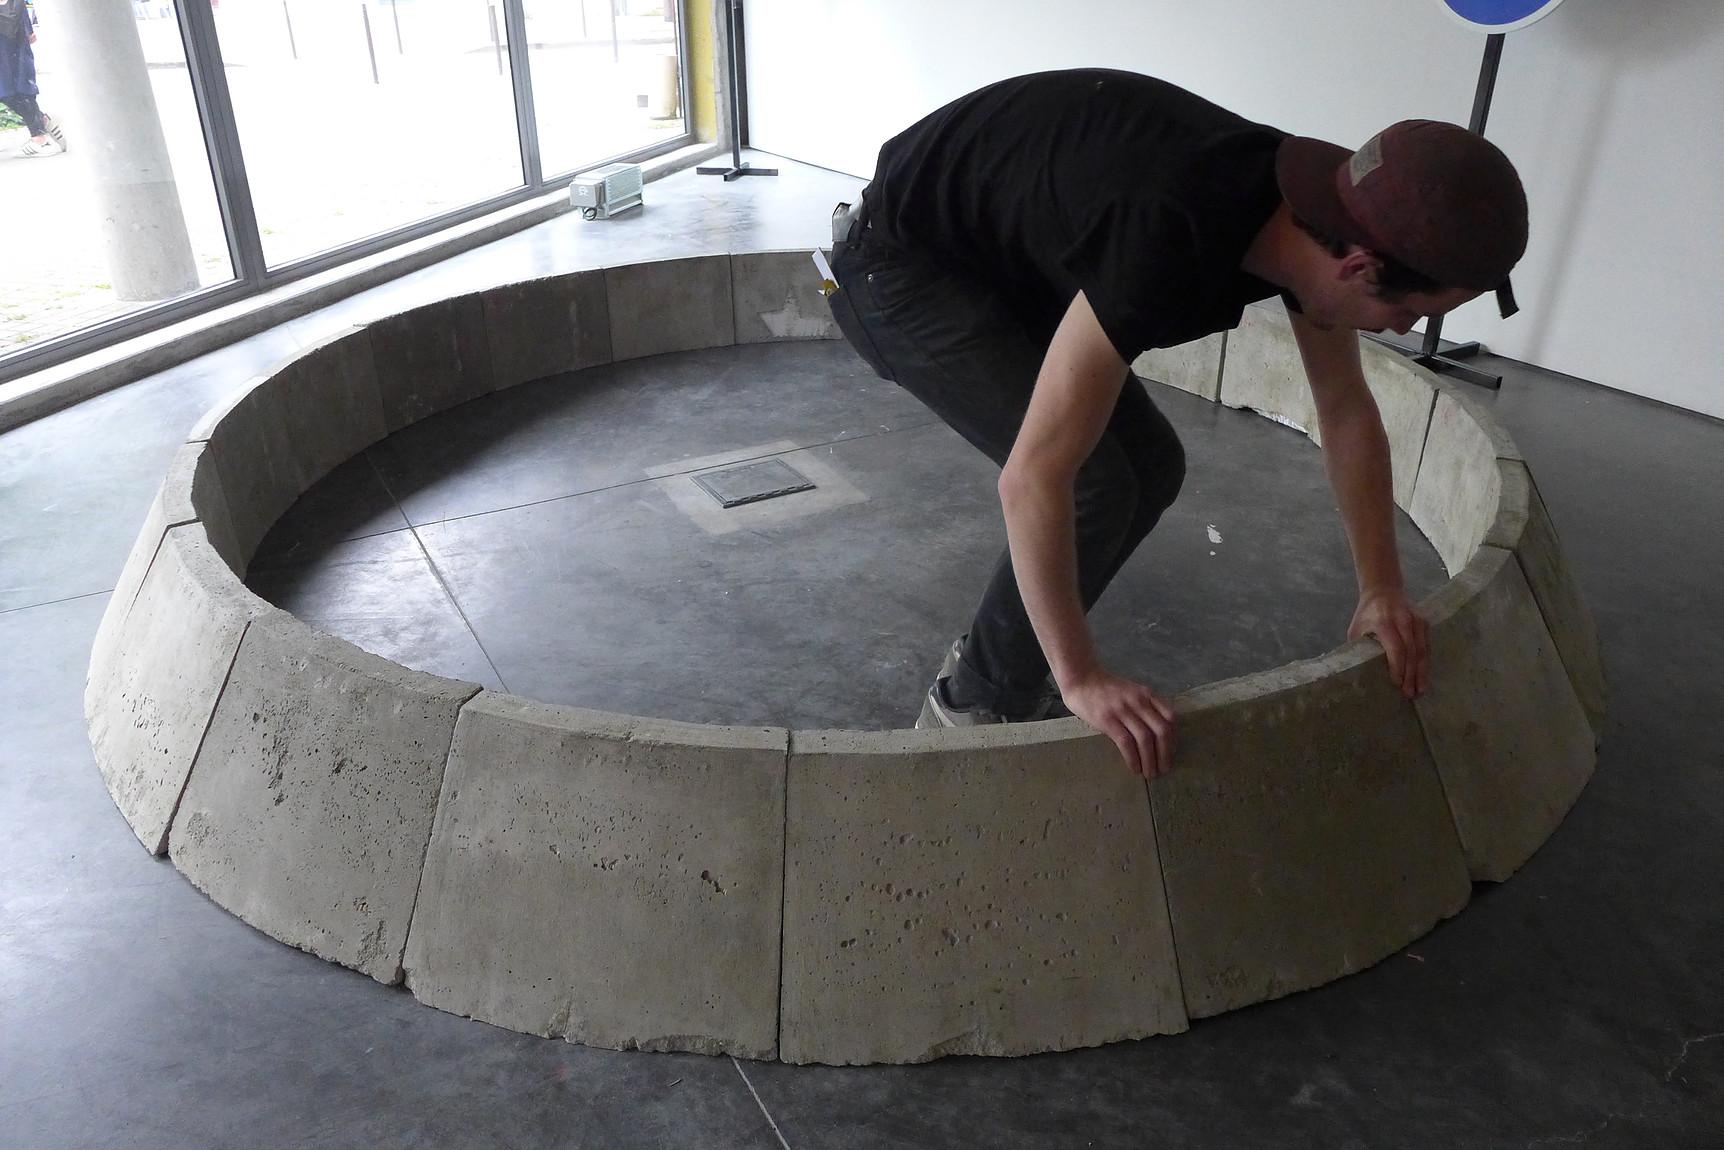 Antonin Gerson,  La construction du rond-point , Exposition Climax, Galerie François II, Nantes, France, 2016